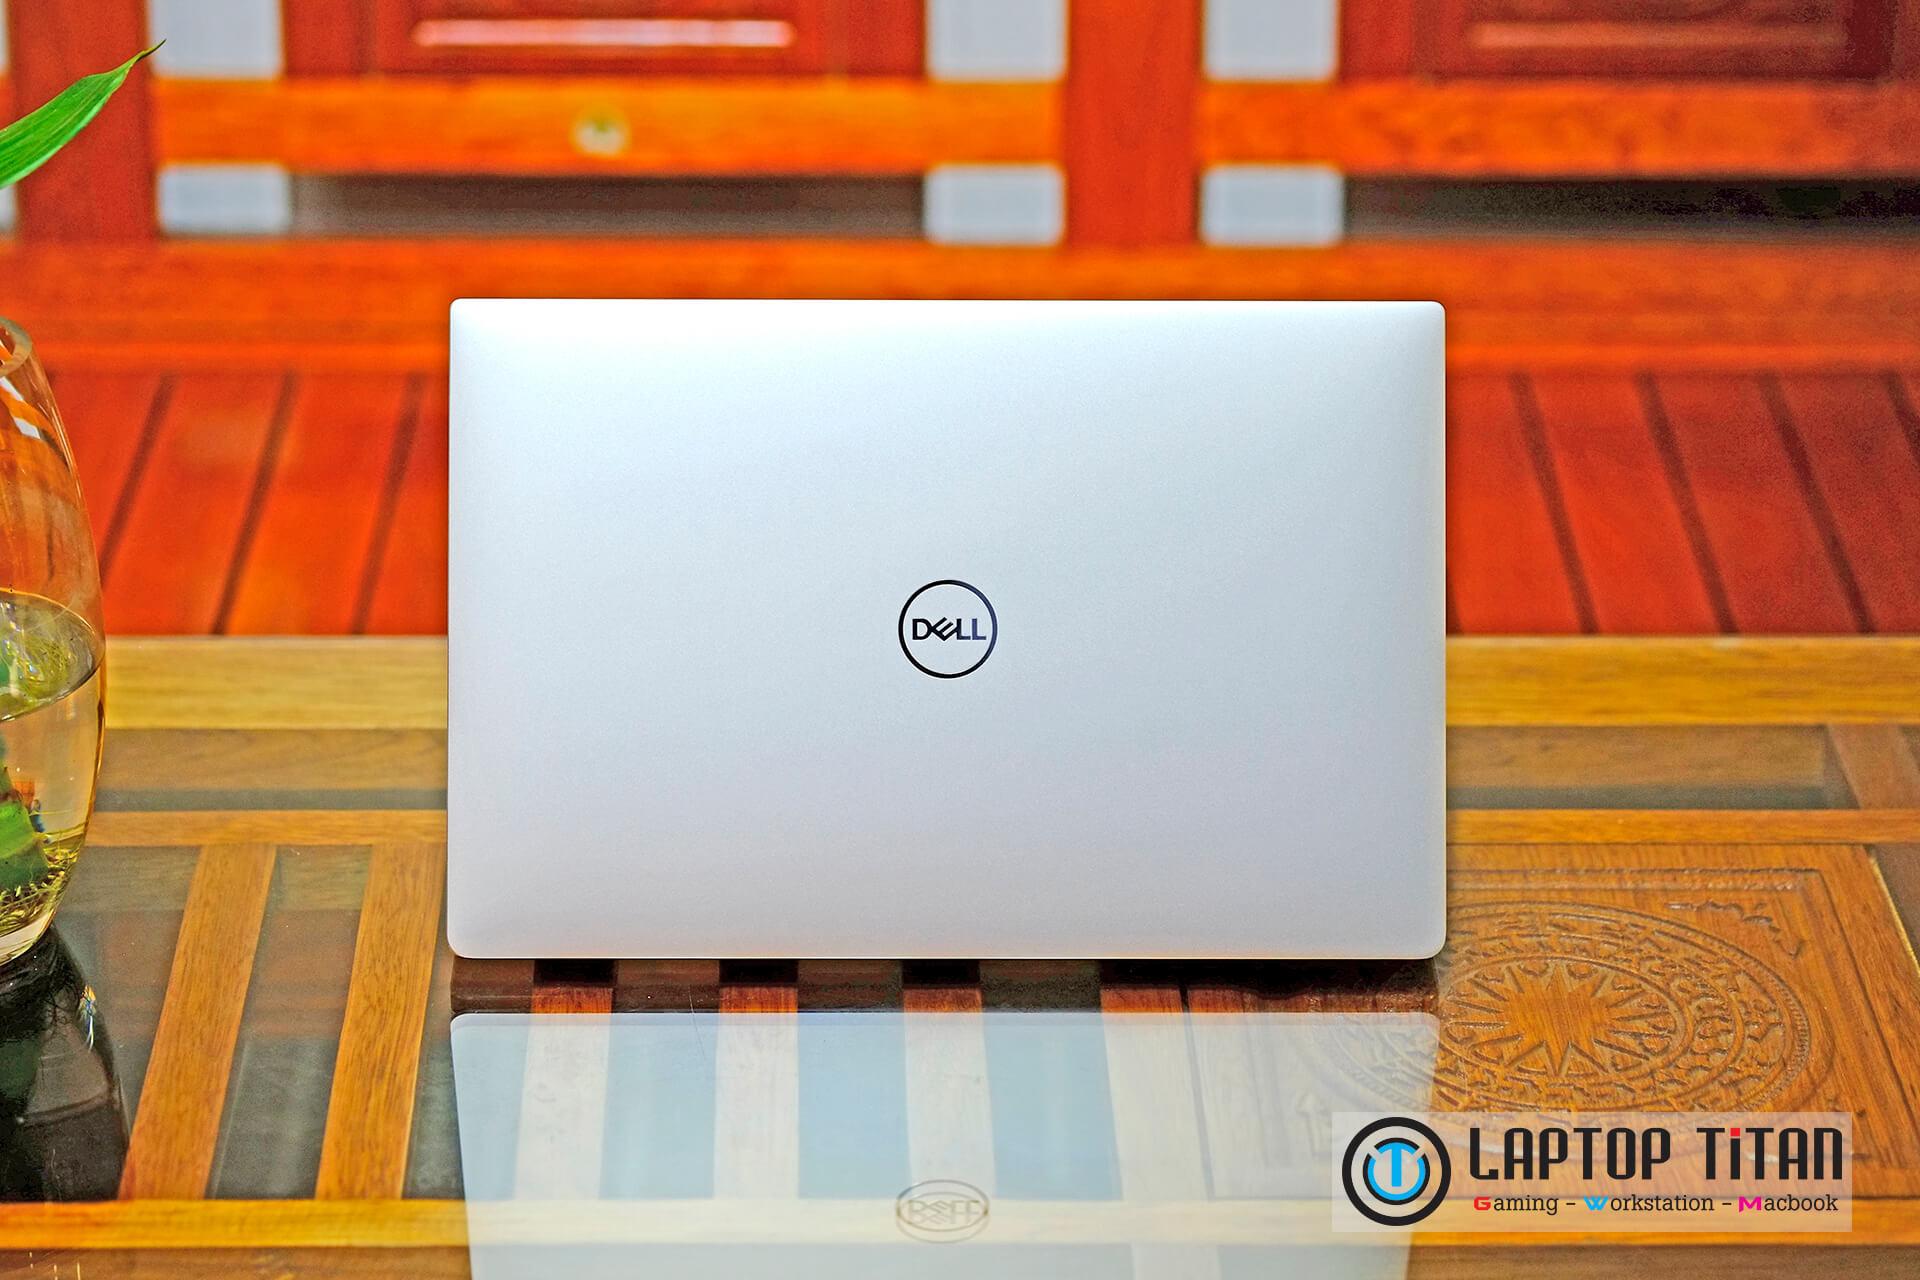 Dell Xps 13 7390 Laptoptitan 010